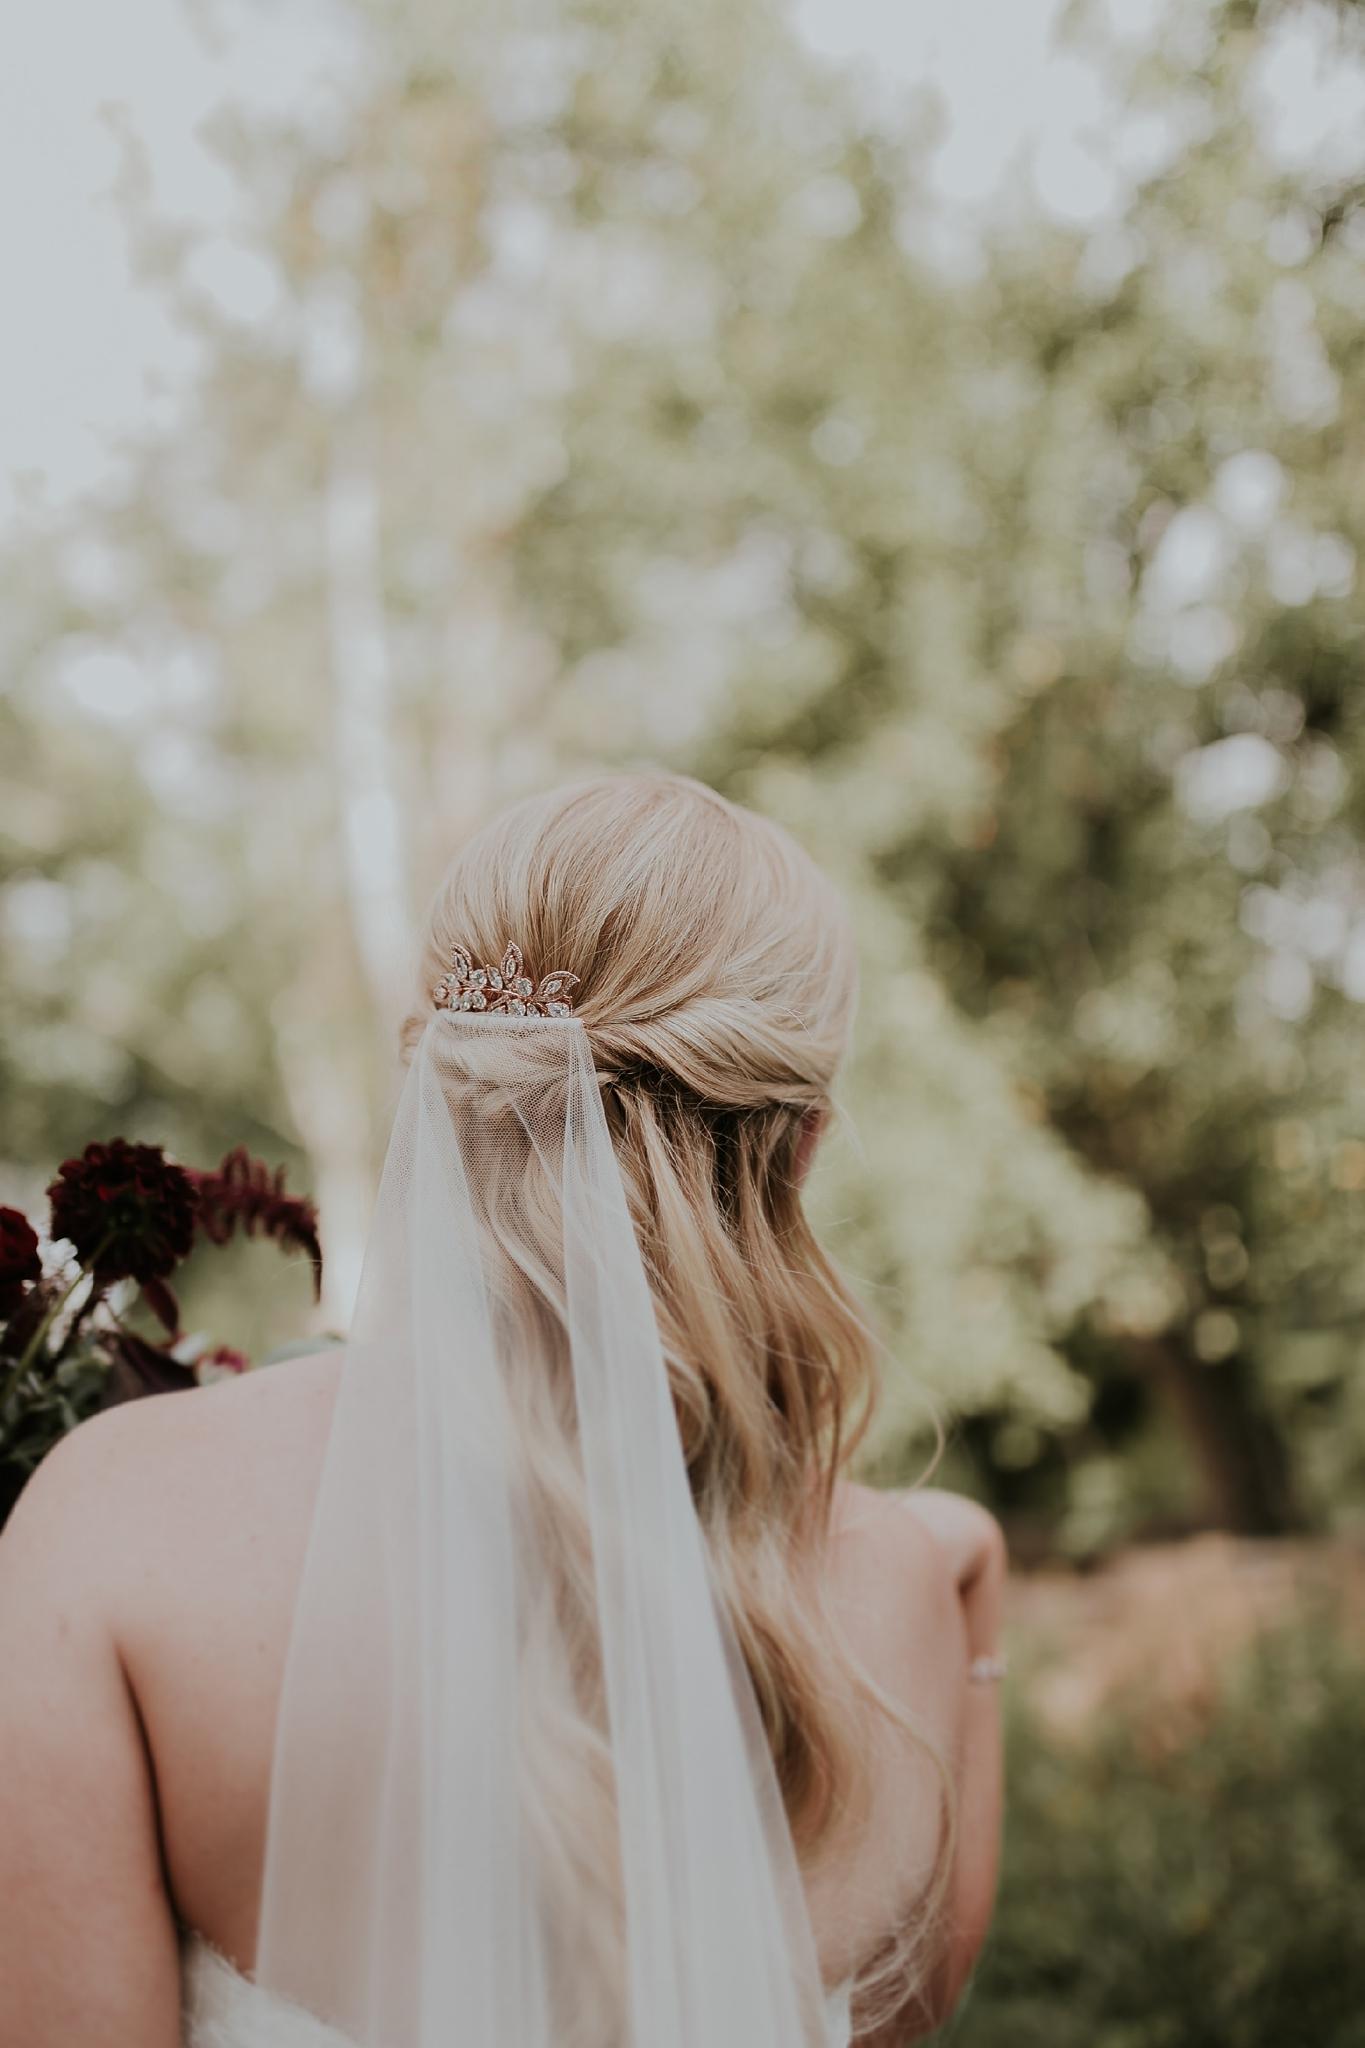 Alicia+lucia+photography+-+albuquerque+wedding+photographer+-+santa+fe+wedding+photography+-+new+mexico+wedding+photographer+-+new+mexico+wedding+-+new+mexico+wedding+-+new+mexico+mua+hairstylist+-+genica+lee+hair+makeup_0051.jpg